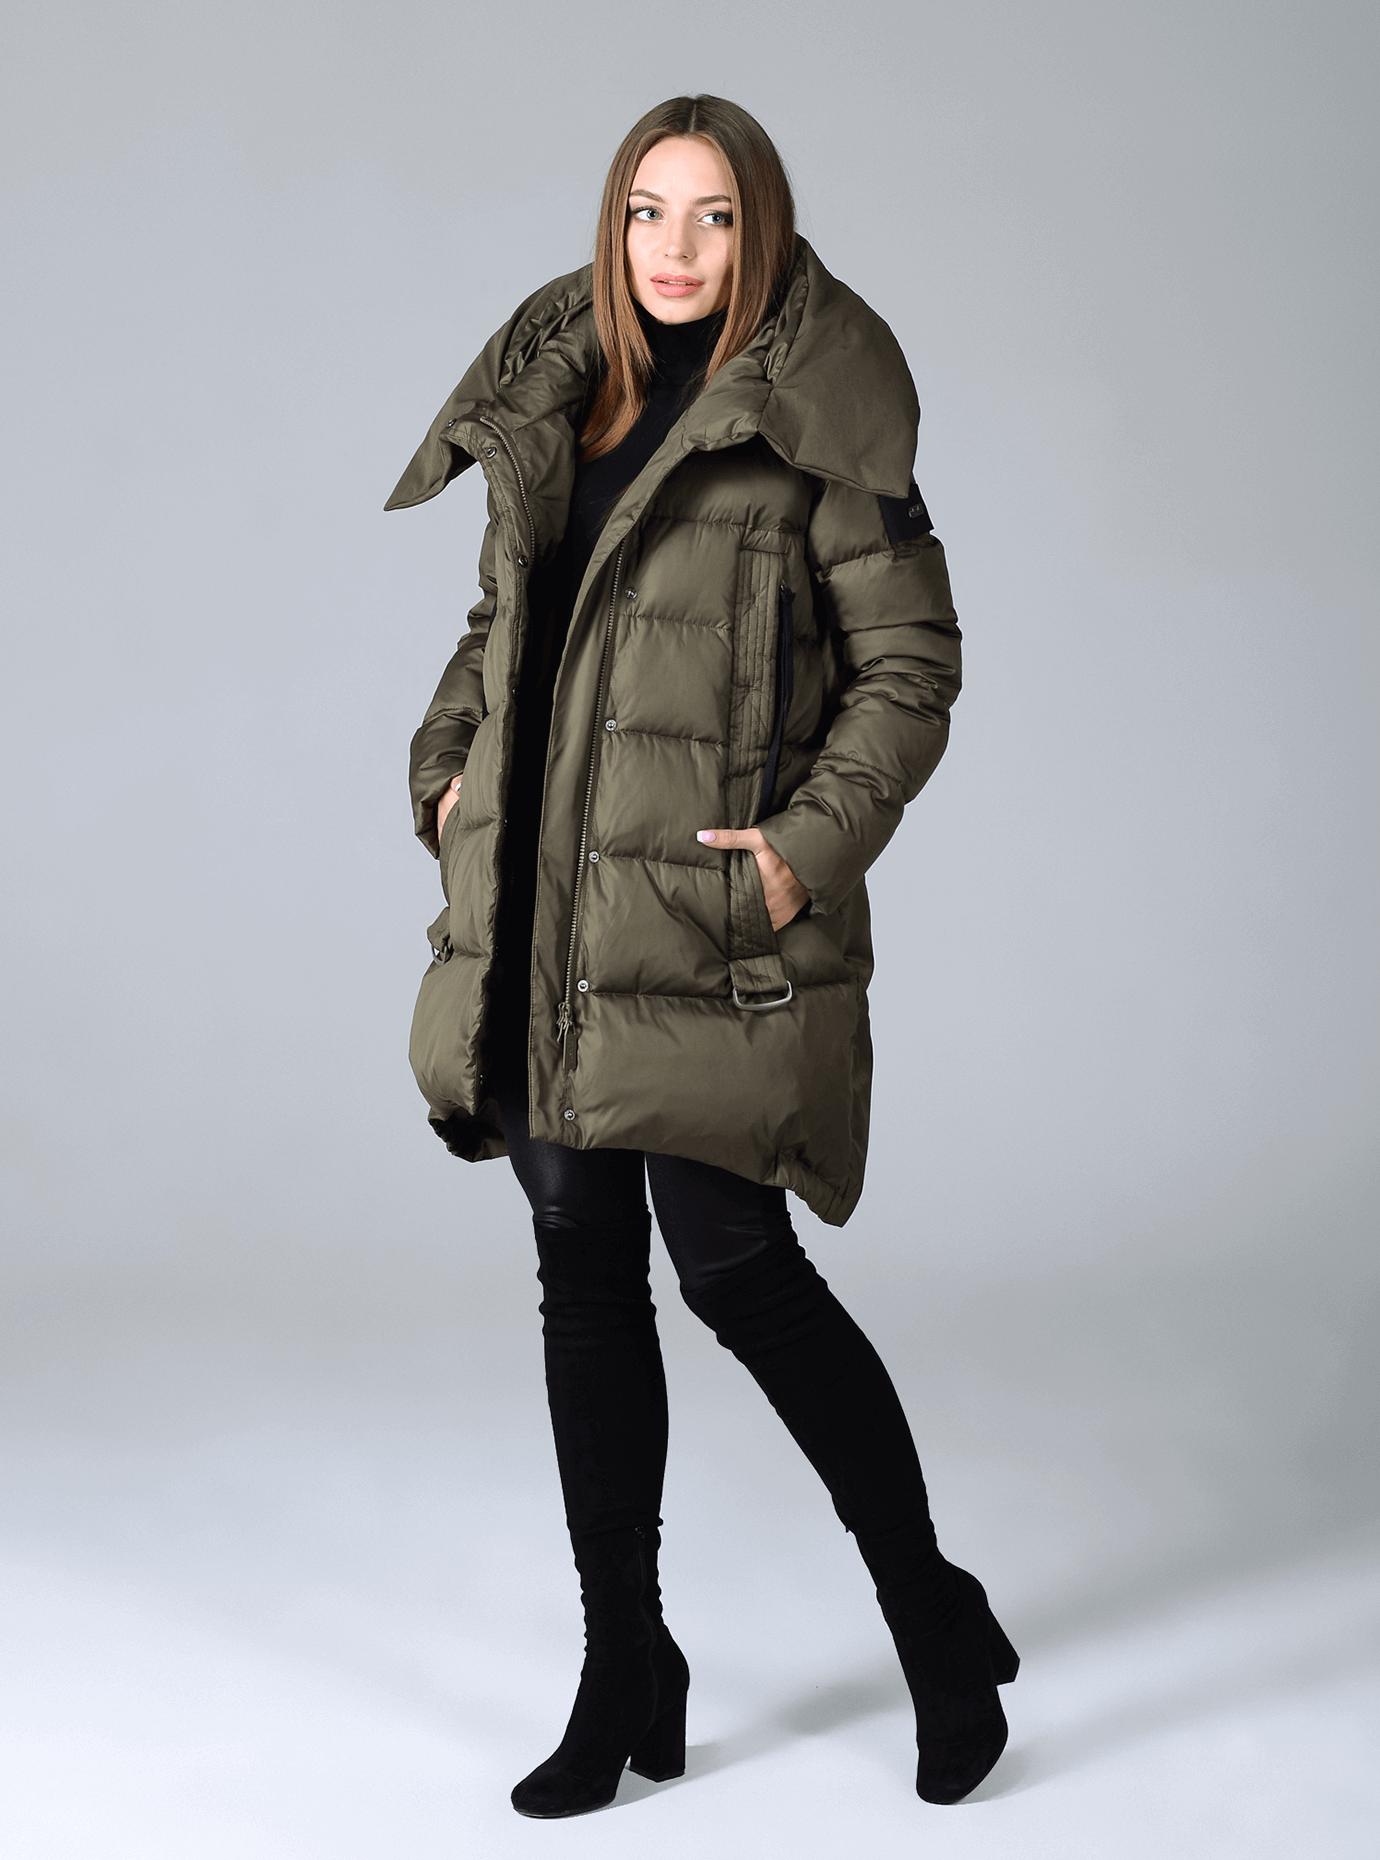 Куртка зимняя женская широкий воротник на магните Чёрный S (02-CR170284): фото - Alster.ua